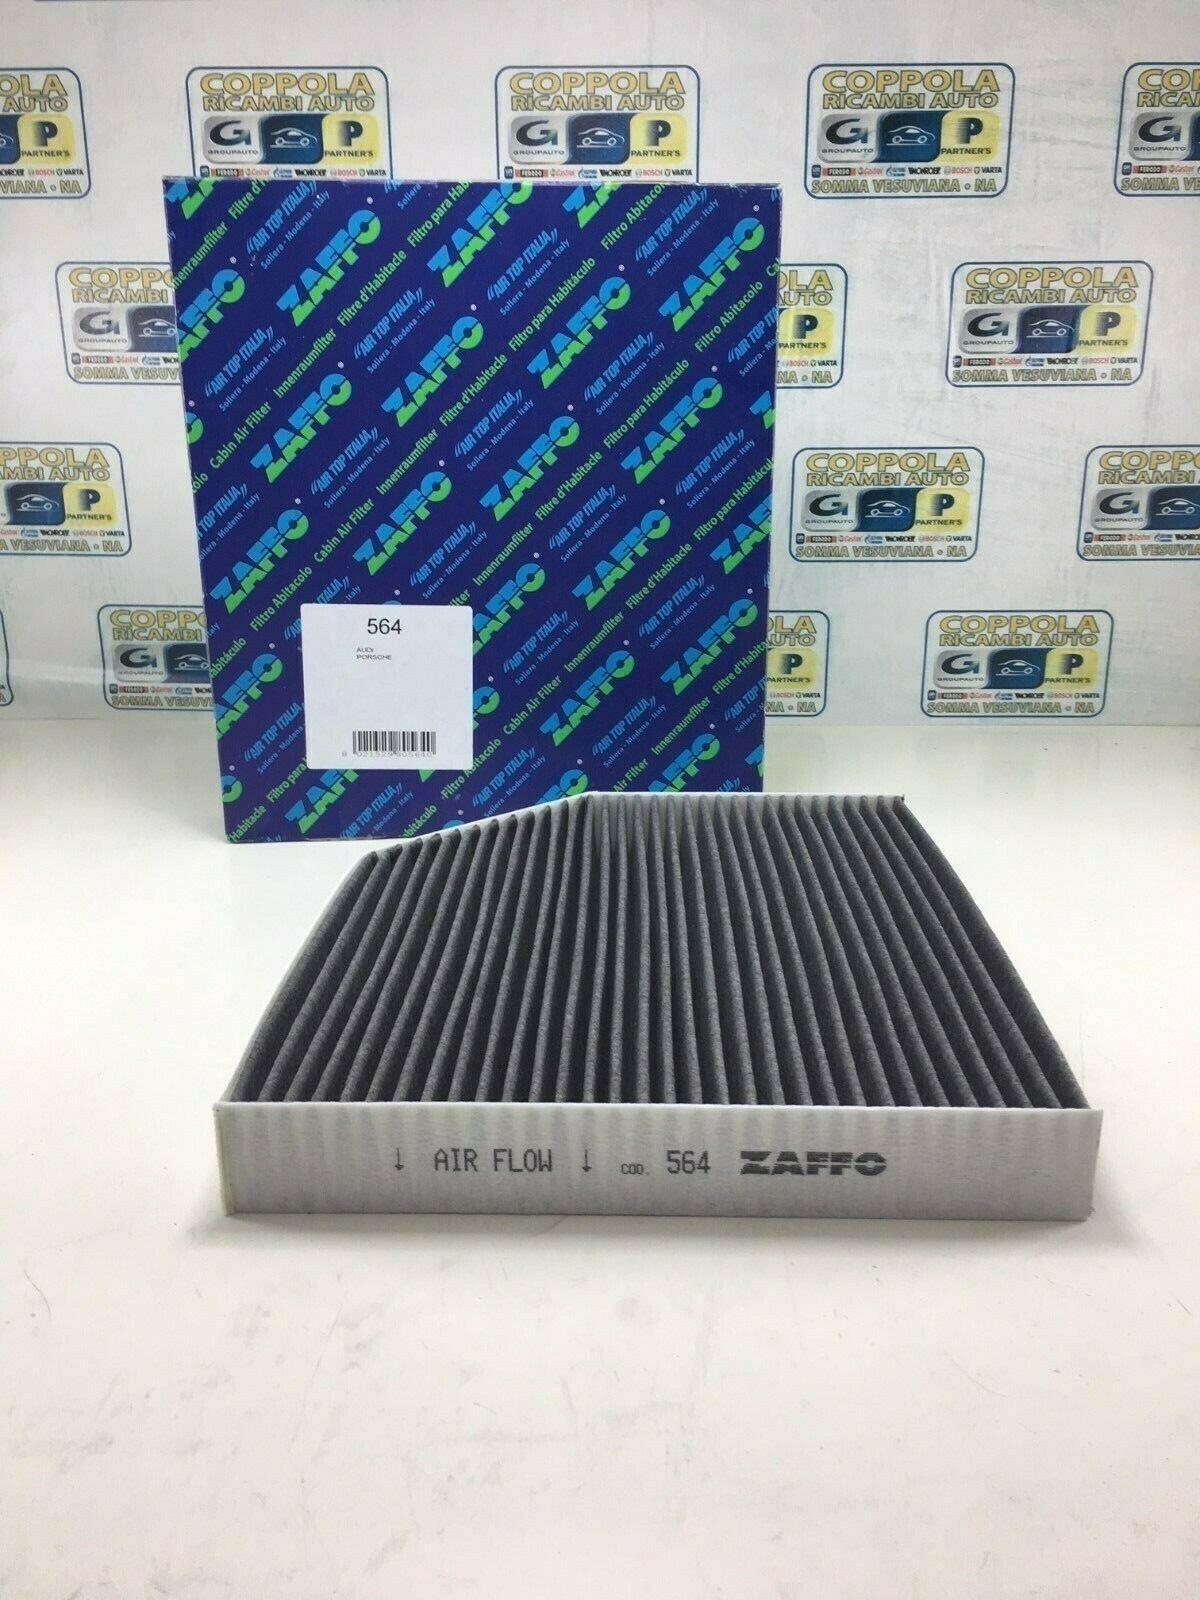 FILTRO ARIA dell/'abitacolo filtro carbone attivo-AUDI a4 8k 1.8 al 2.0 TFSI//TDI